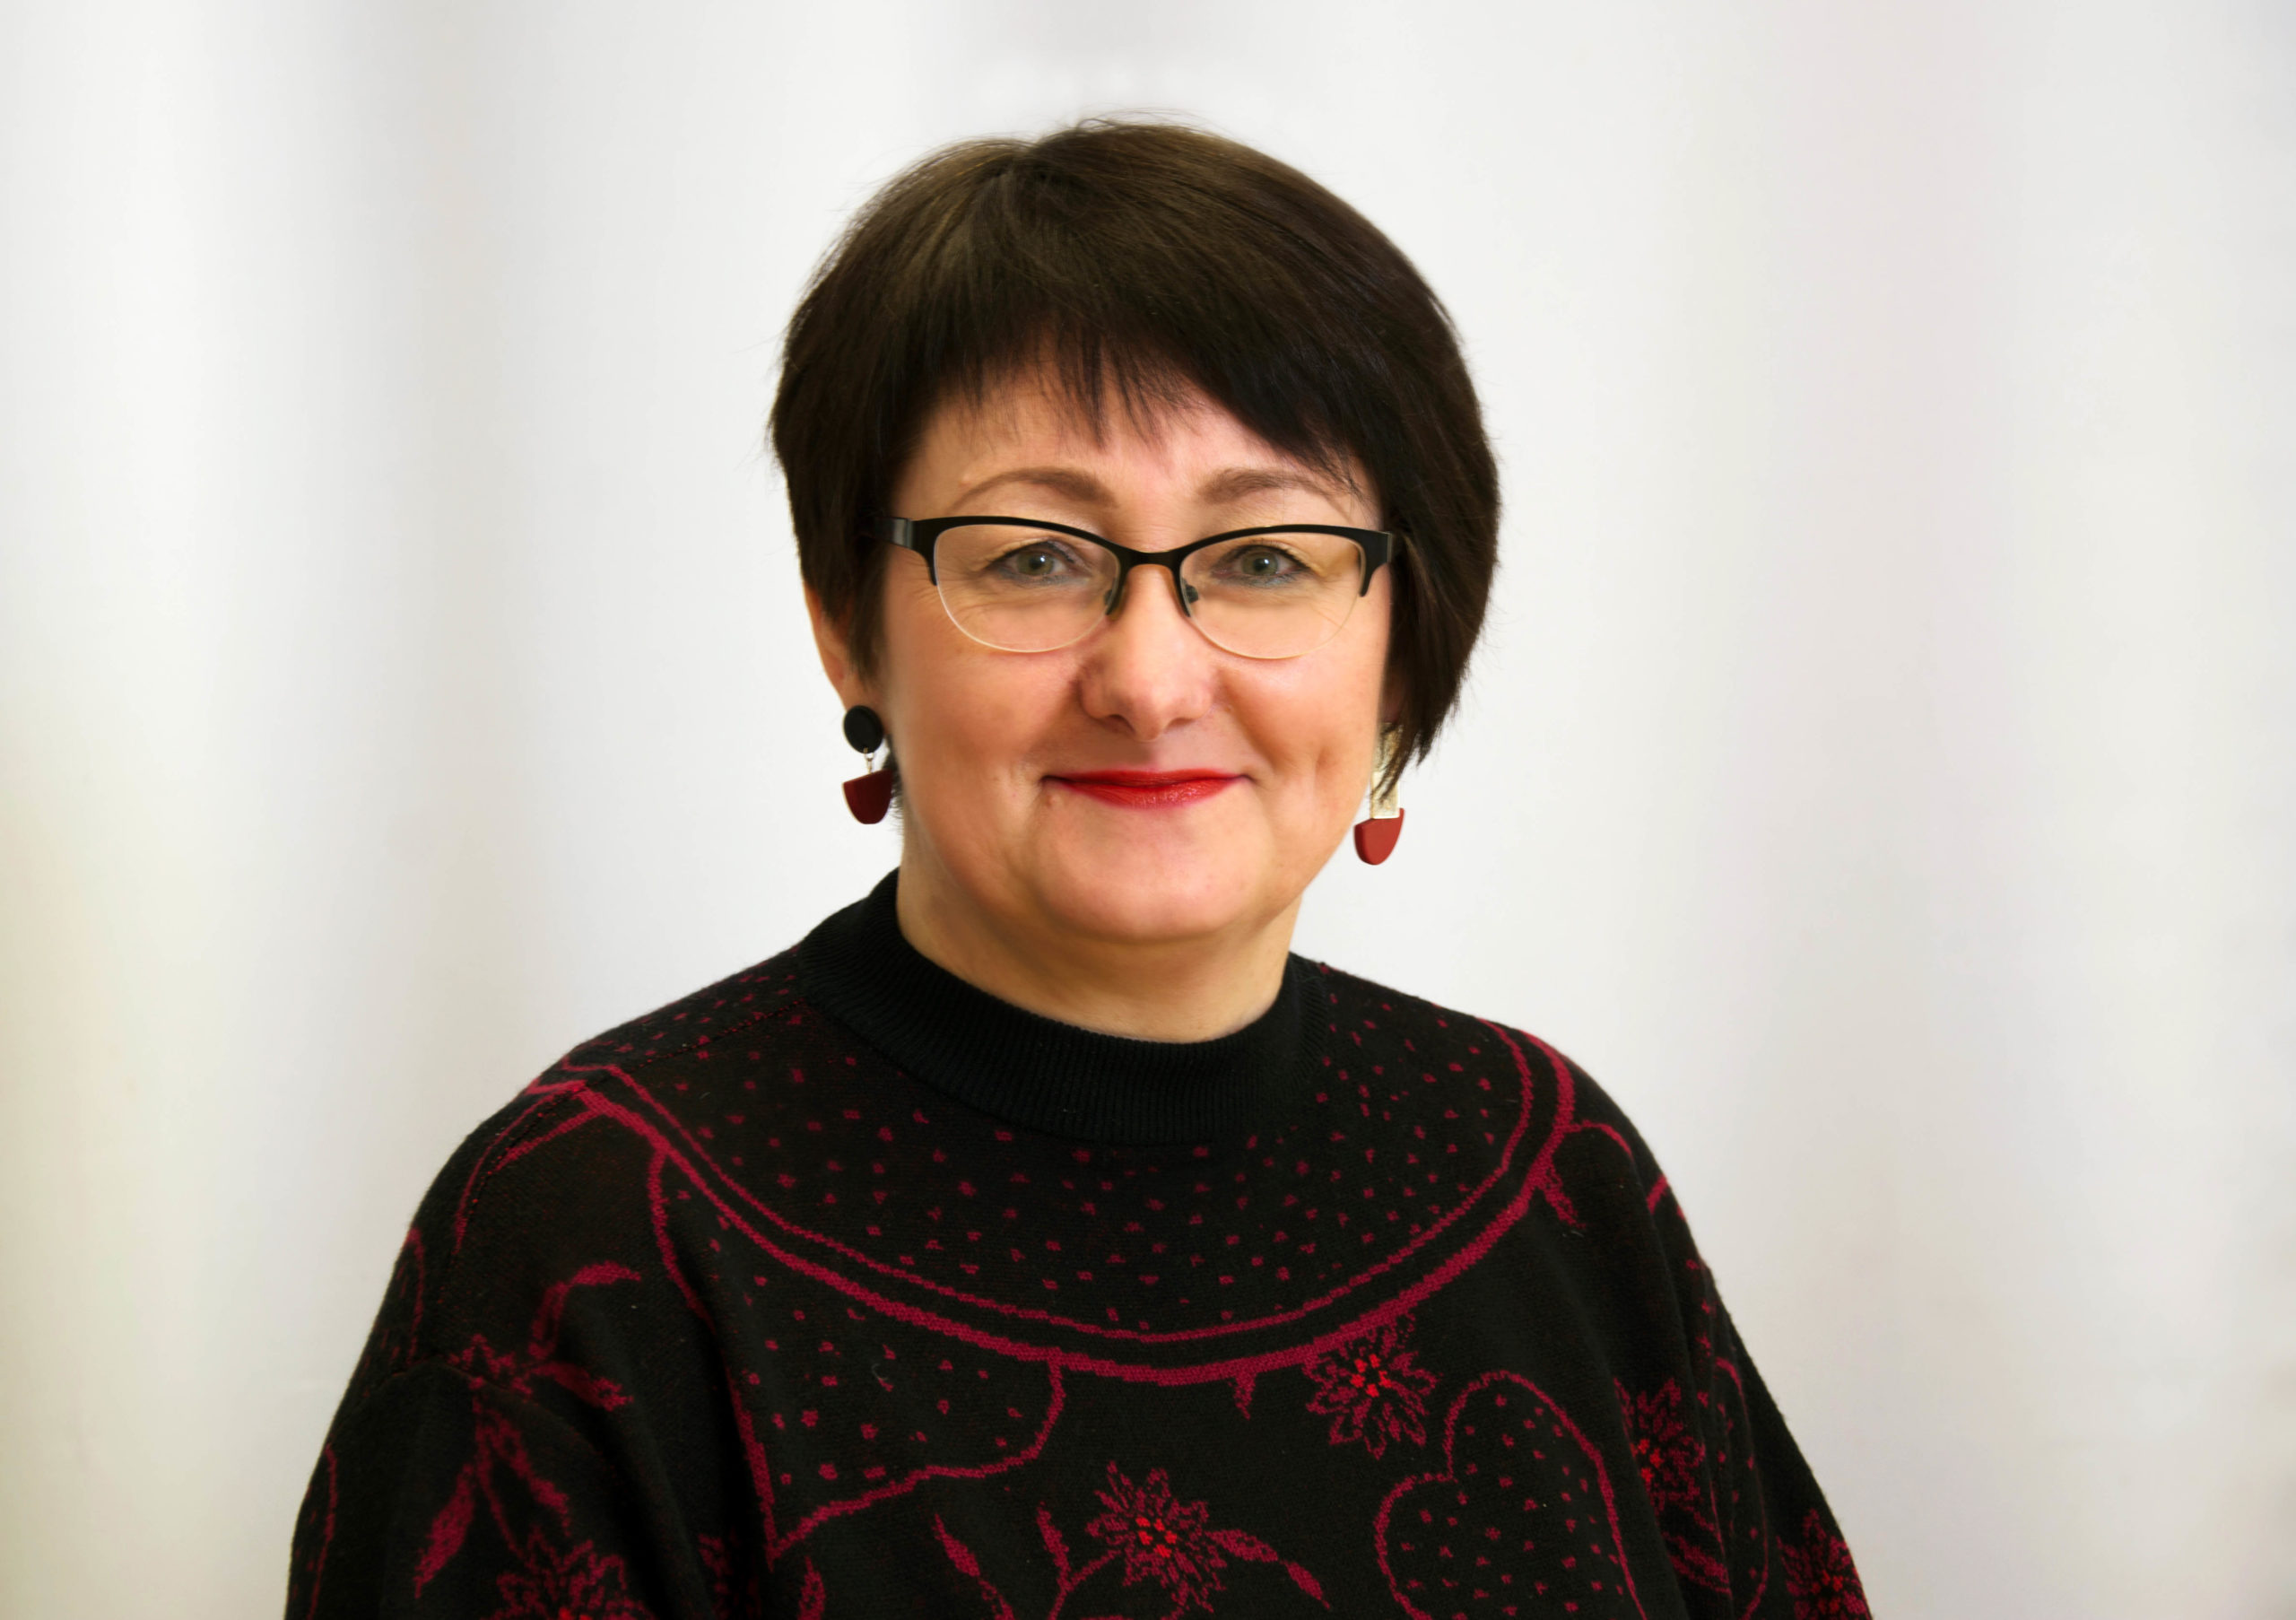 Elena Schadt